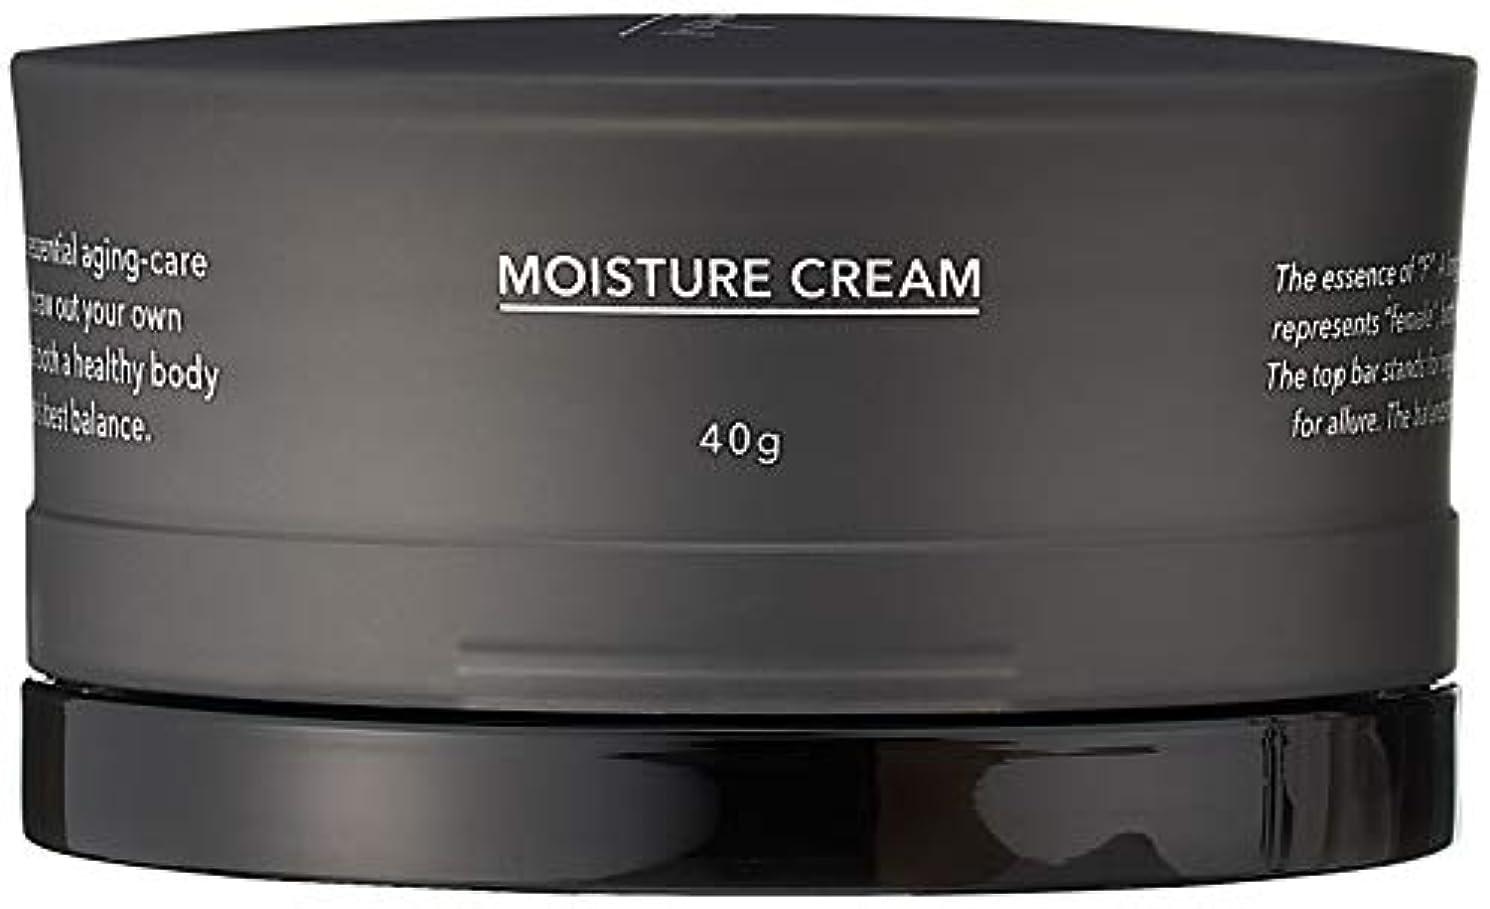 賠償シュガーF organics(エッフェオーガニック) モイスチャークリーム 40g